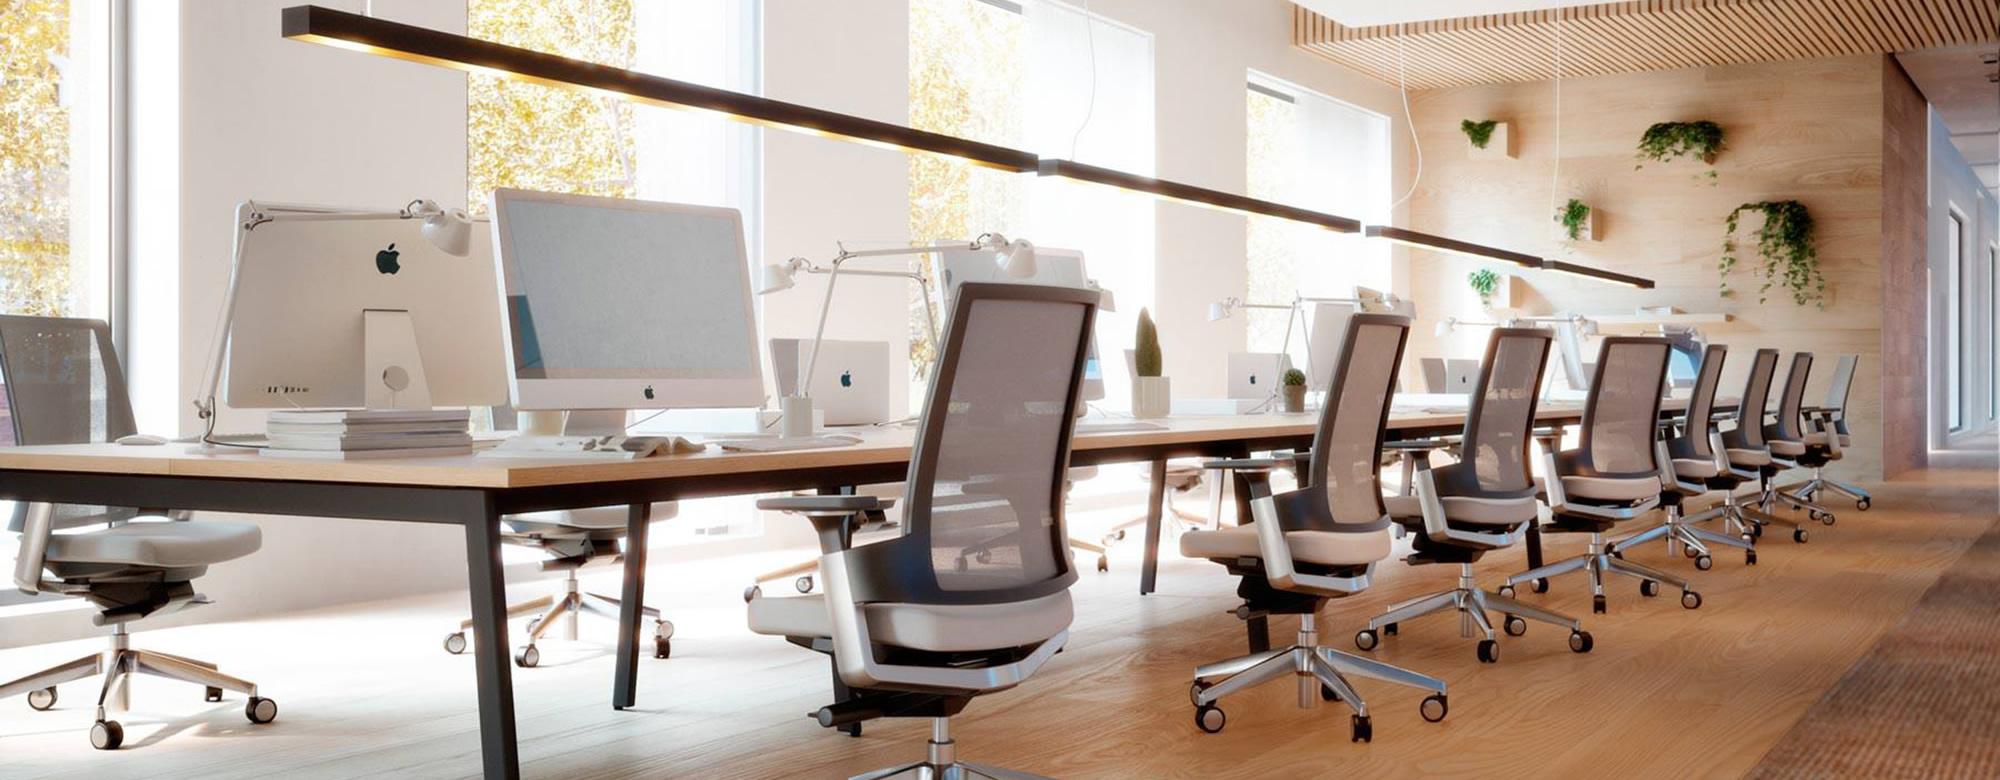 Muebles De Oficina Mesas De Oficina Y Mobiliario De